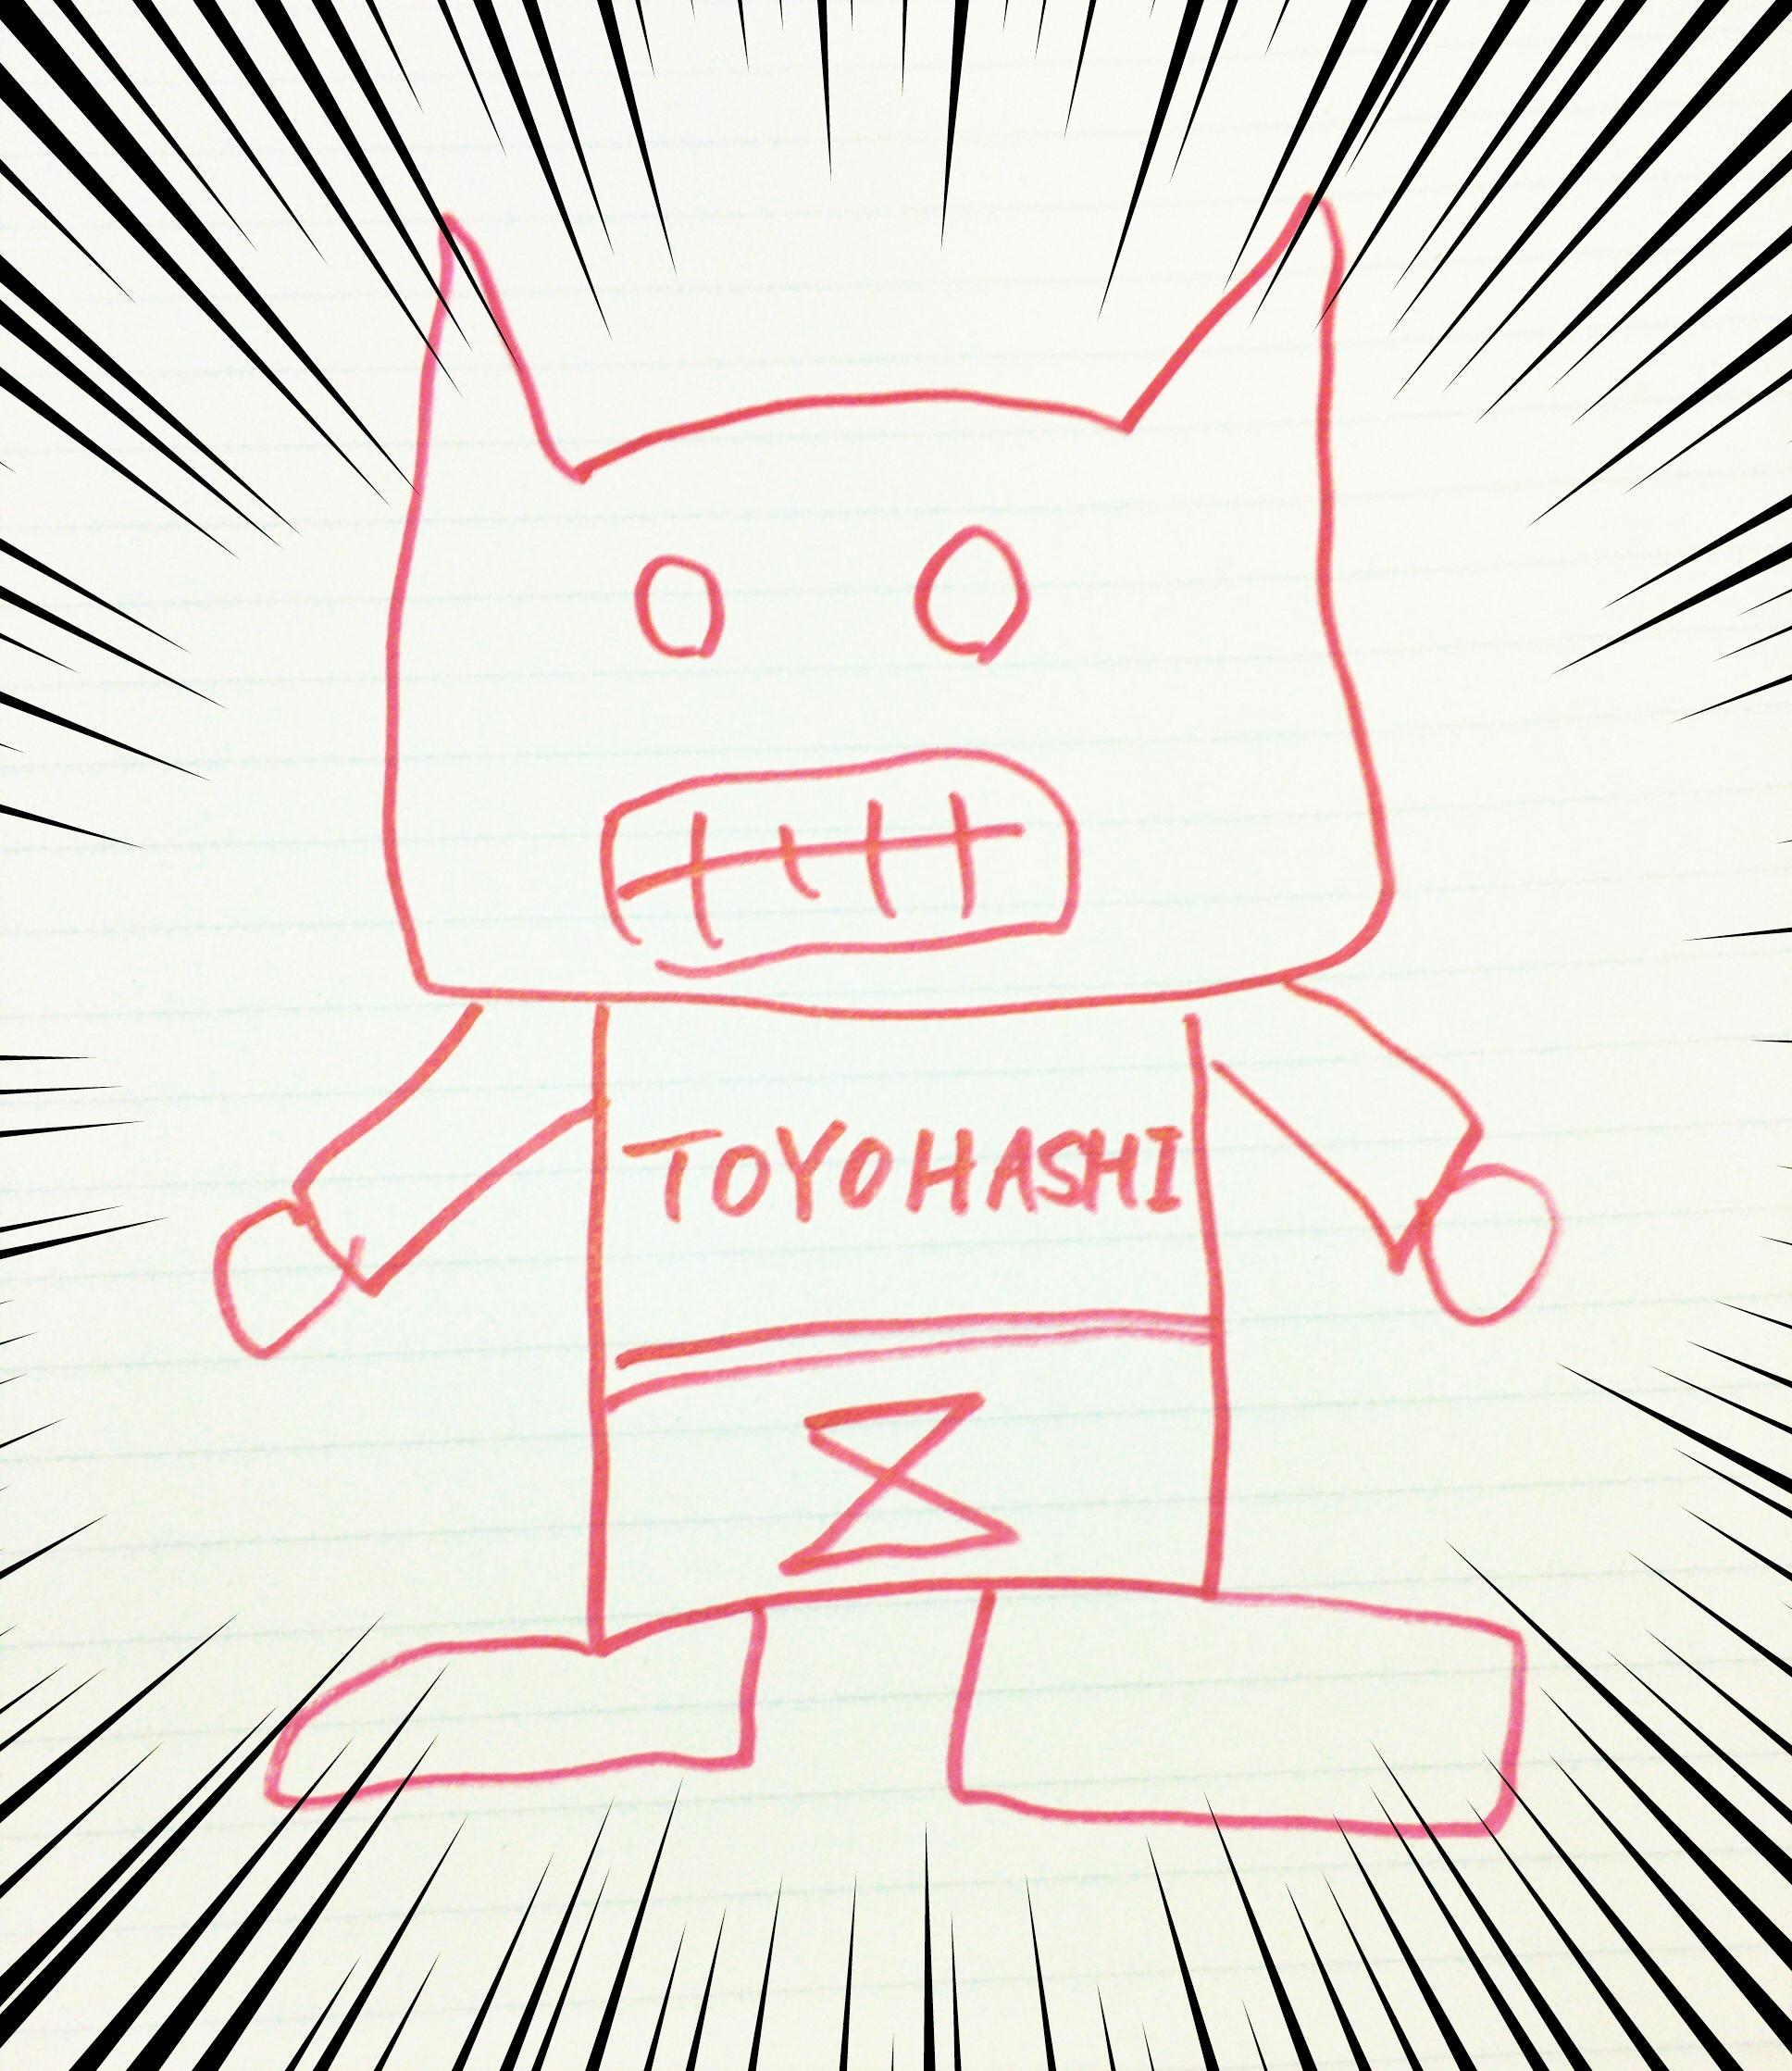 豊橋市のマスコットキャラクタートヨッキー